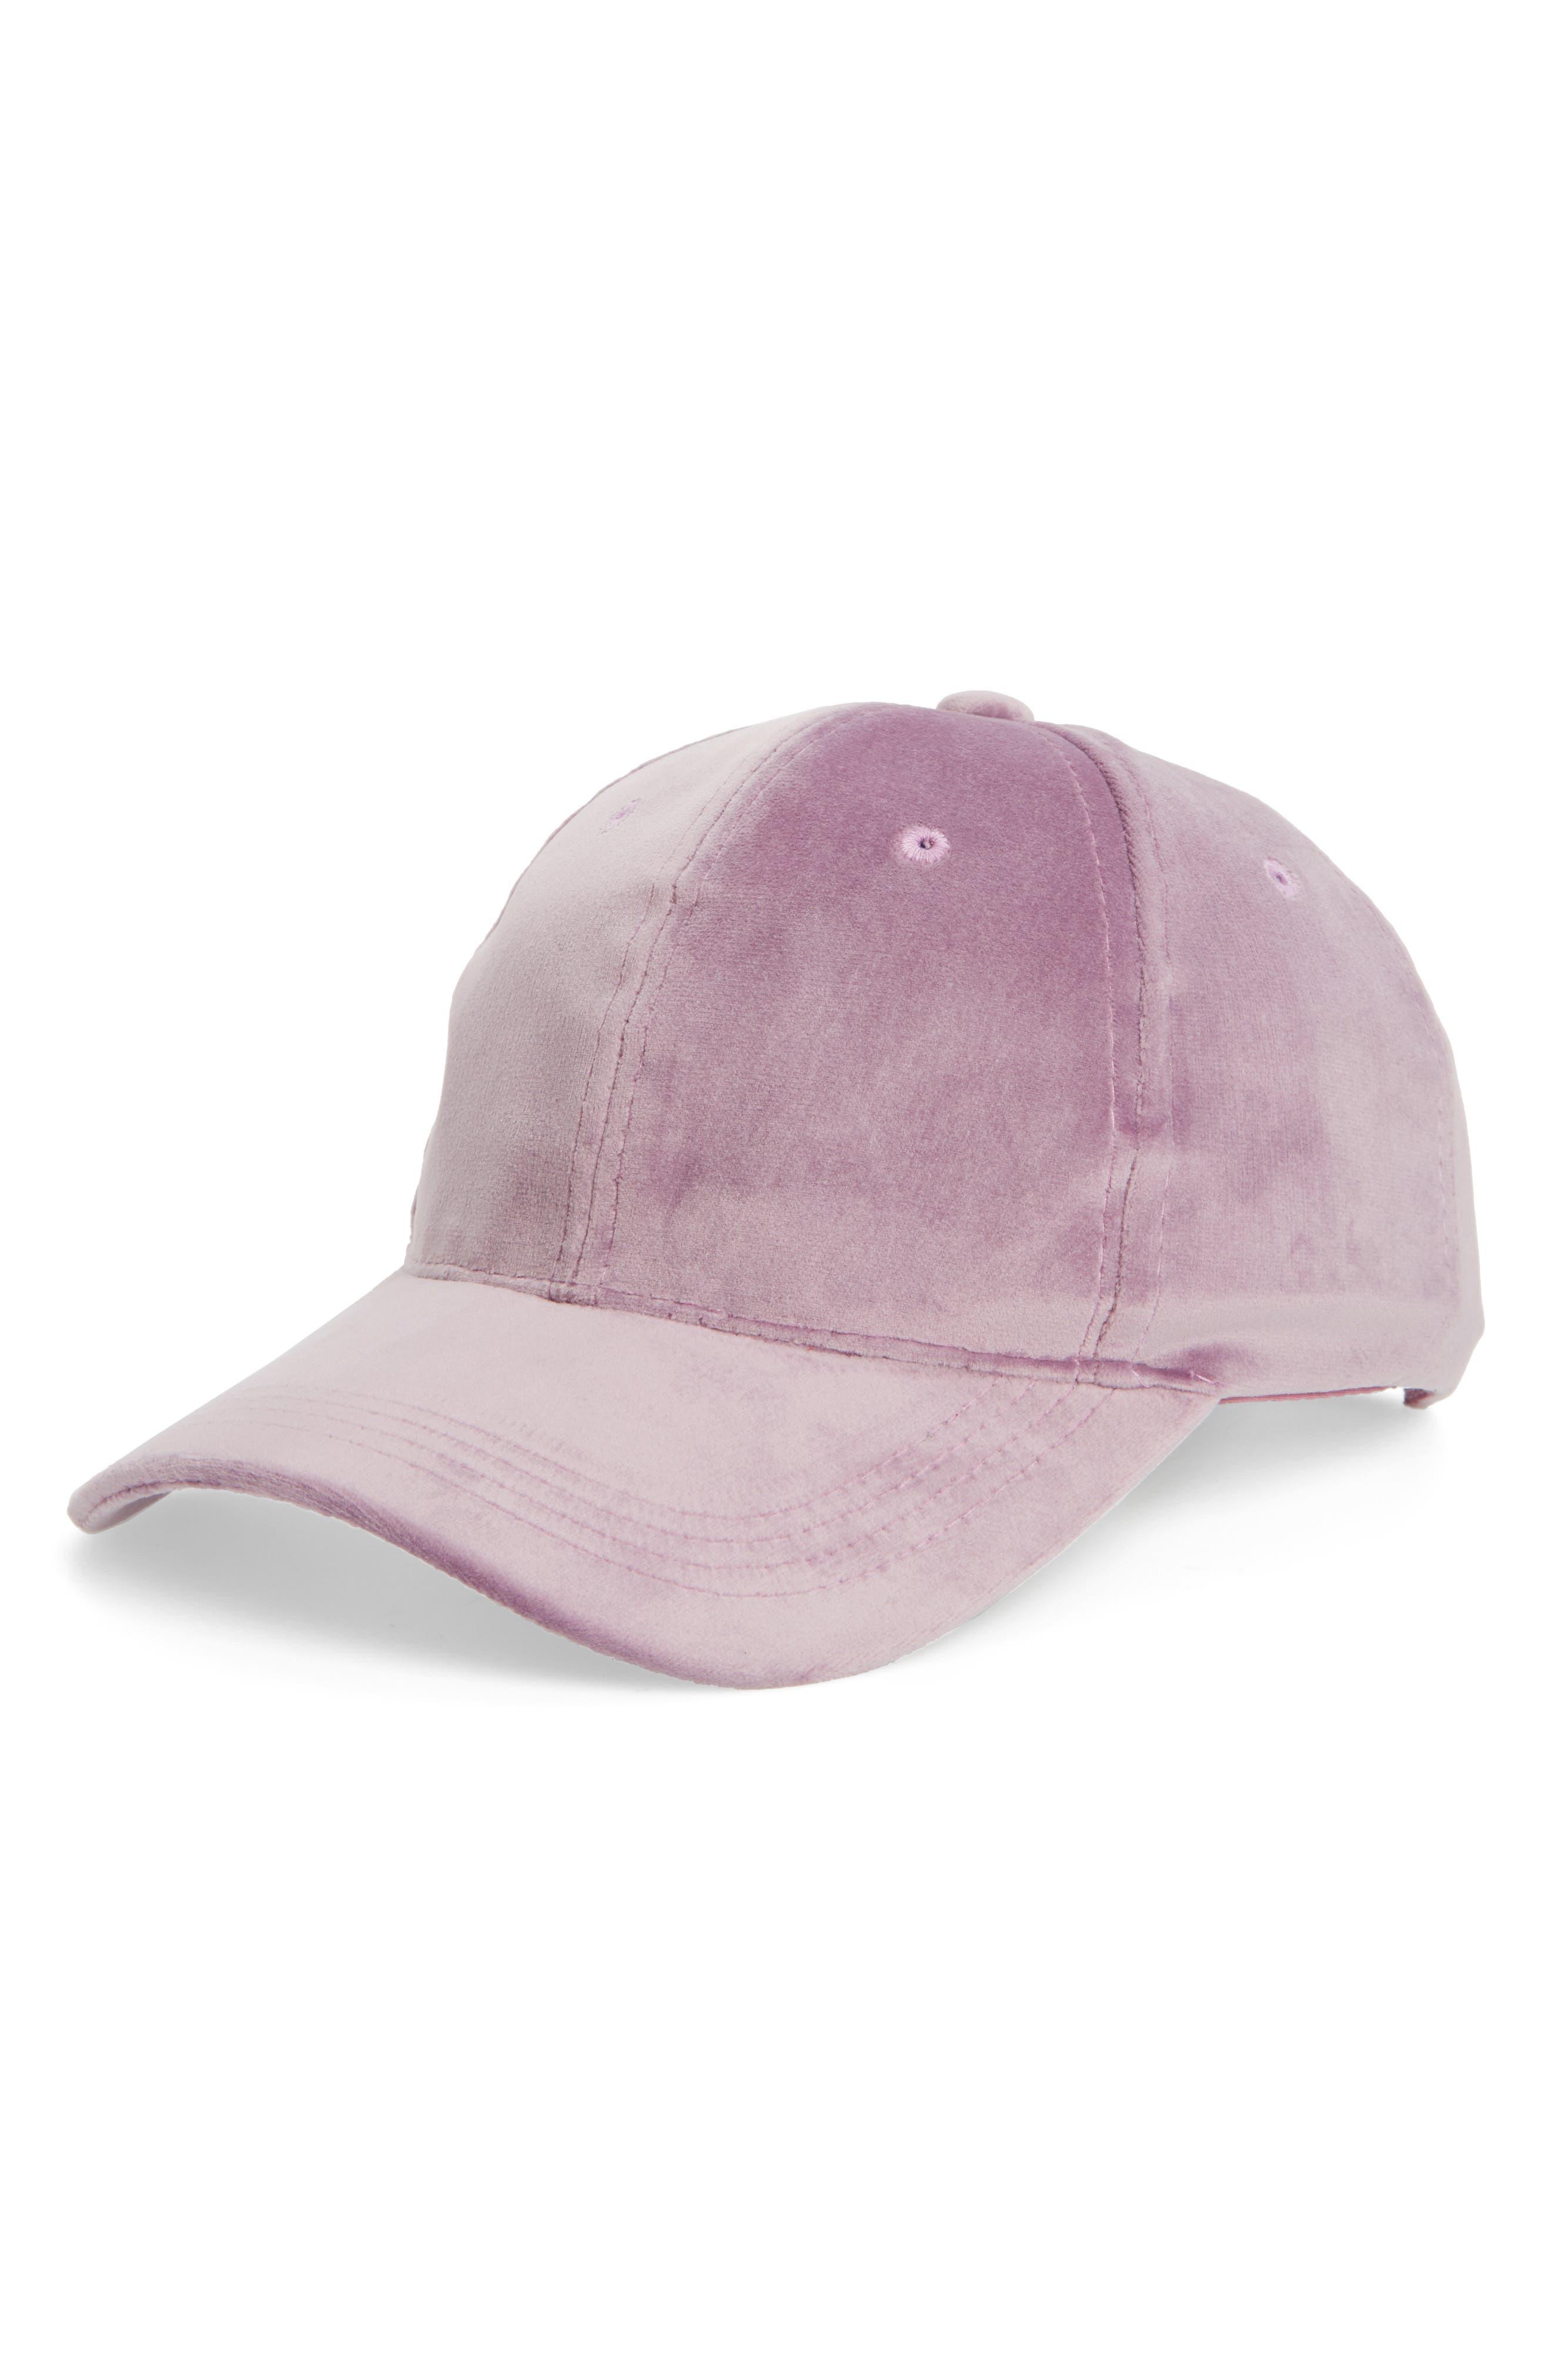 Main Image - Fantasia Velvet Ball Cap